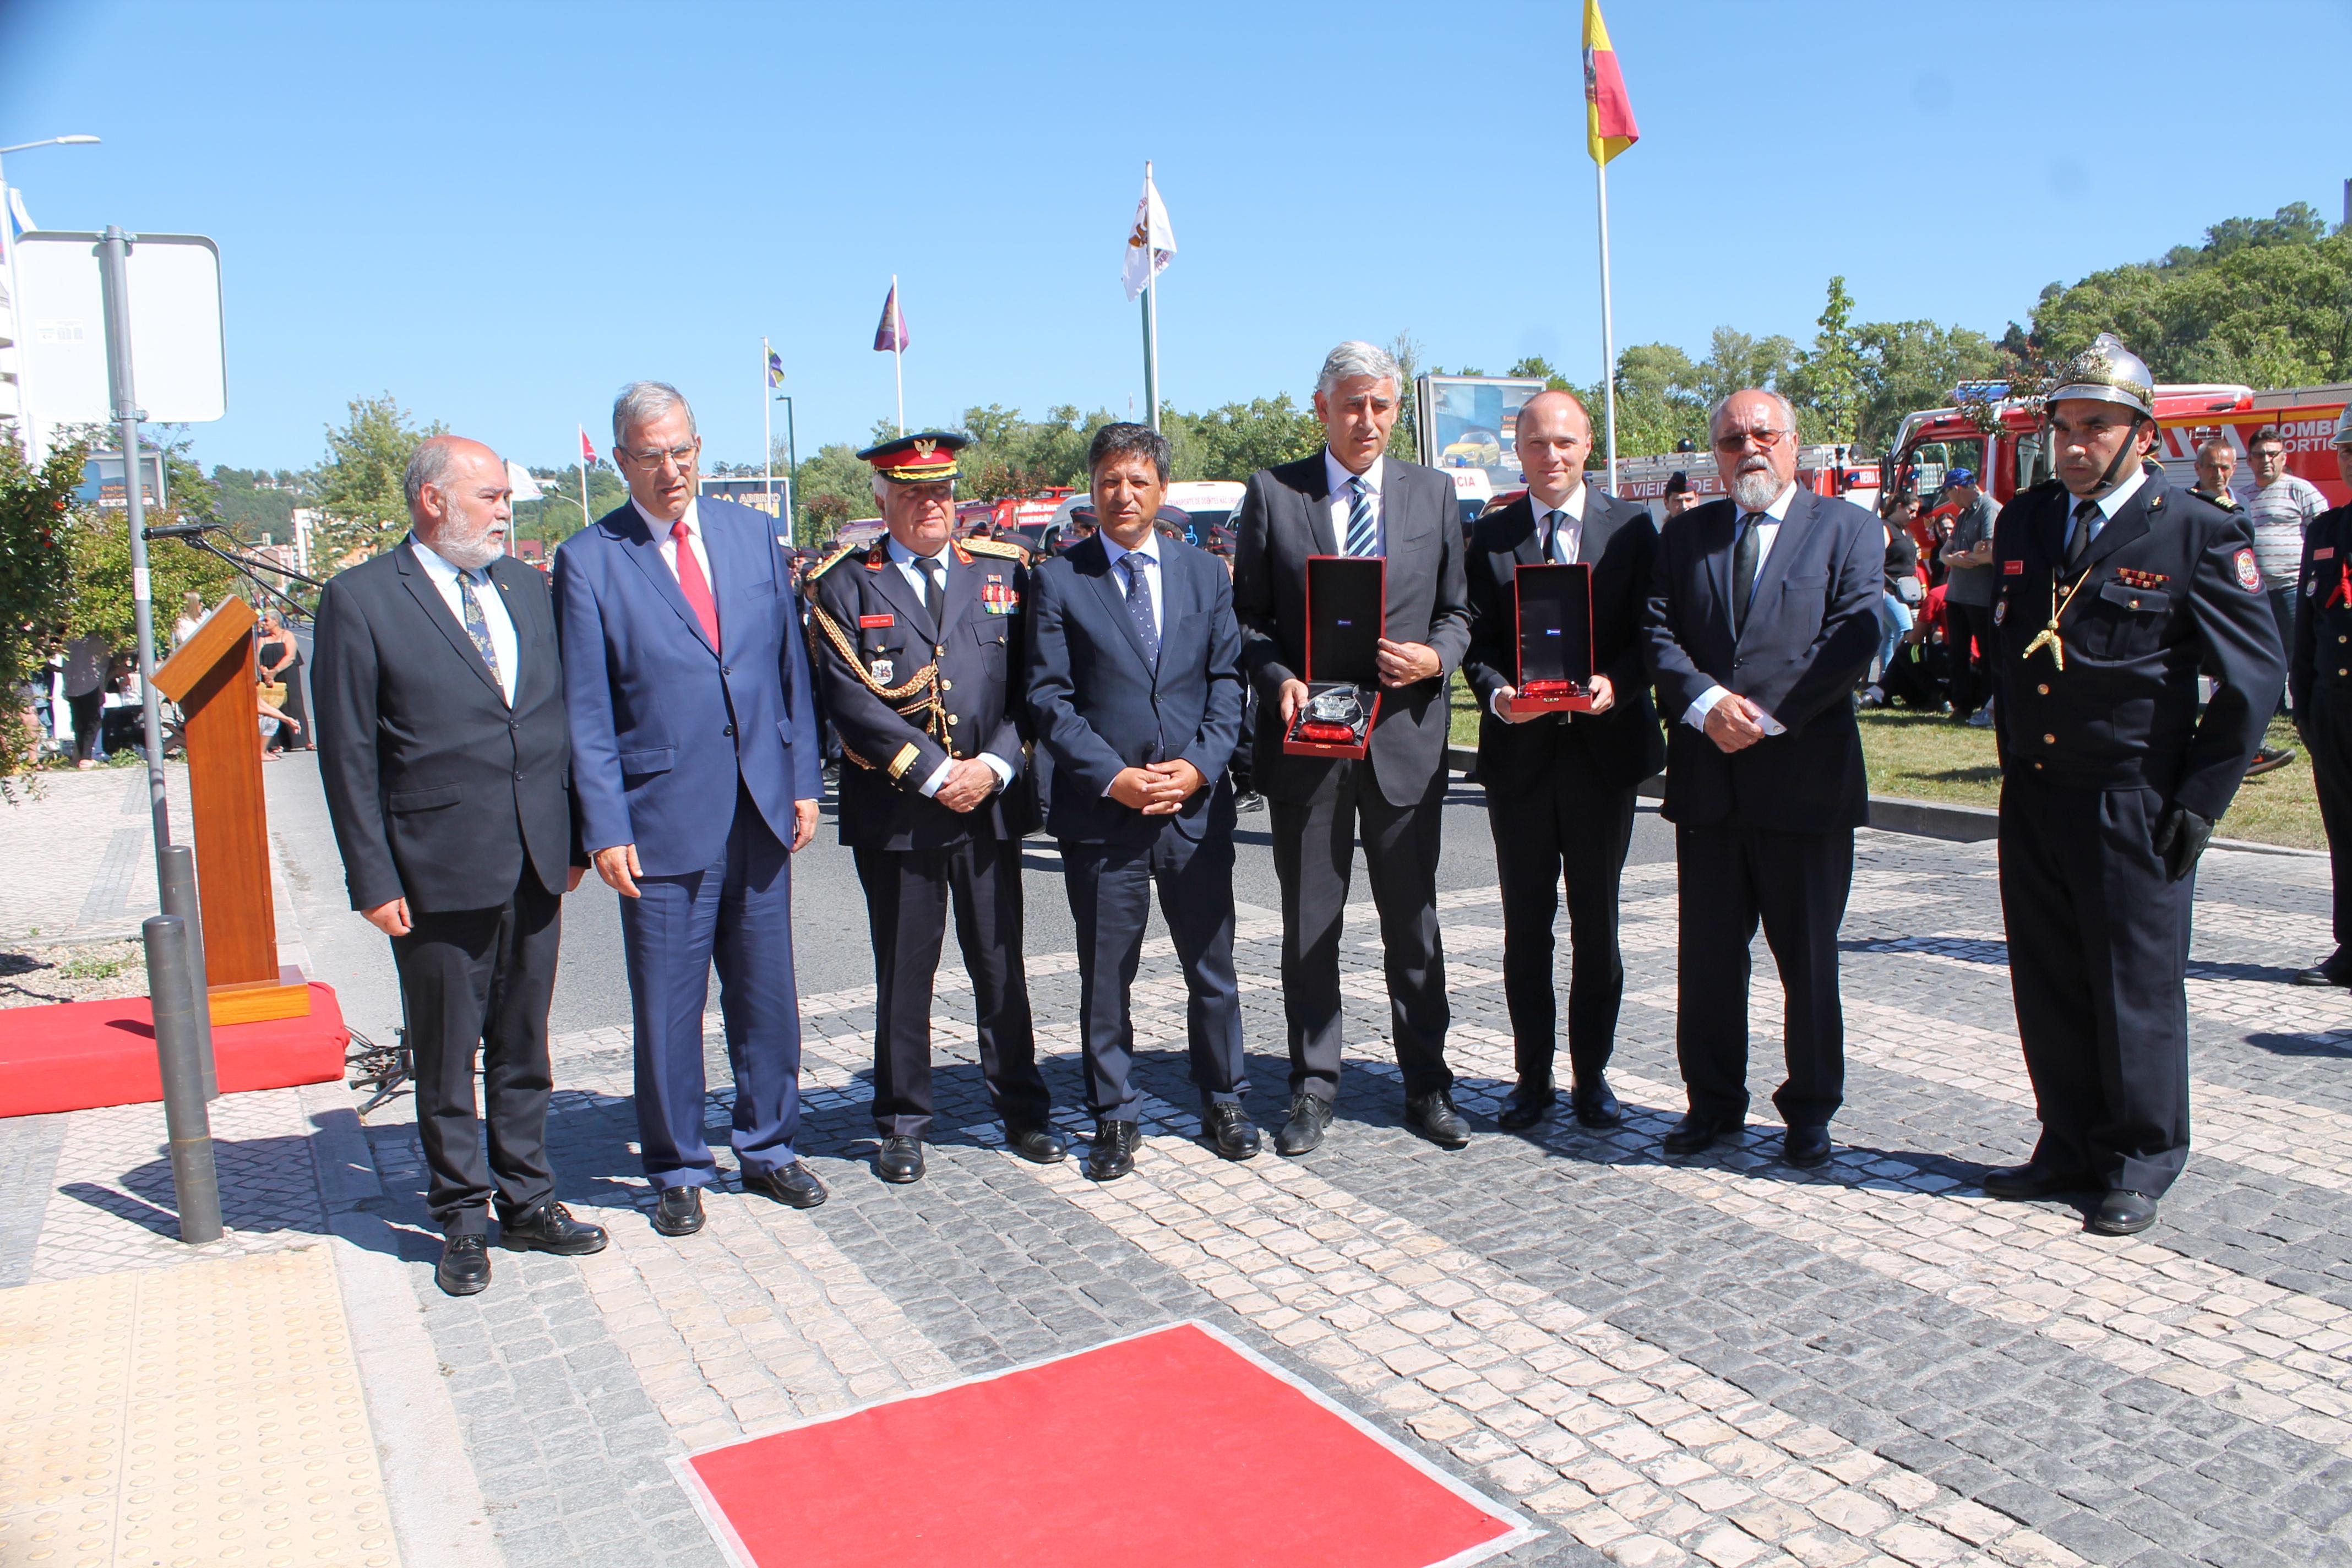 Município de Barcelos recebe menção honrosa da Liga dos Bombeiros Portugueses